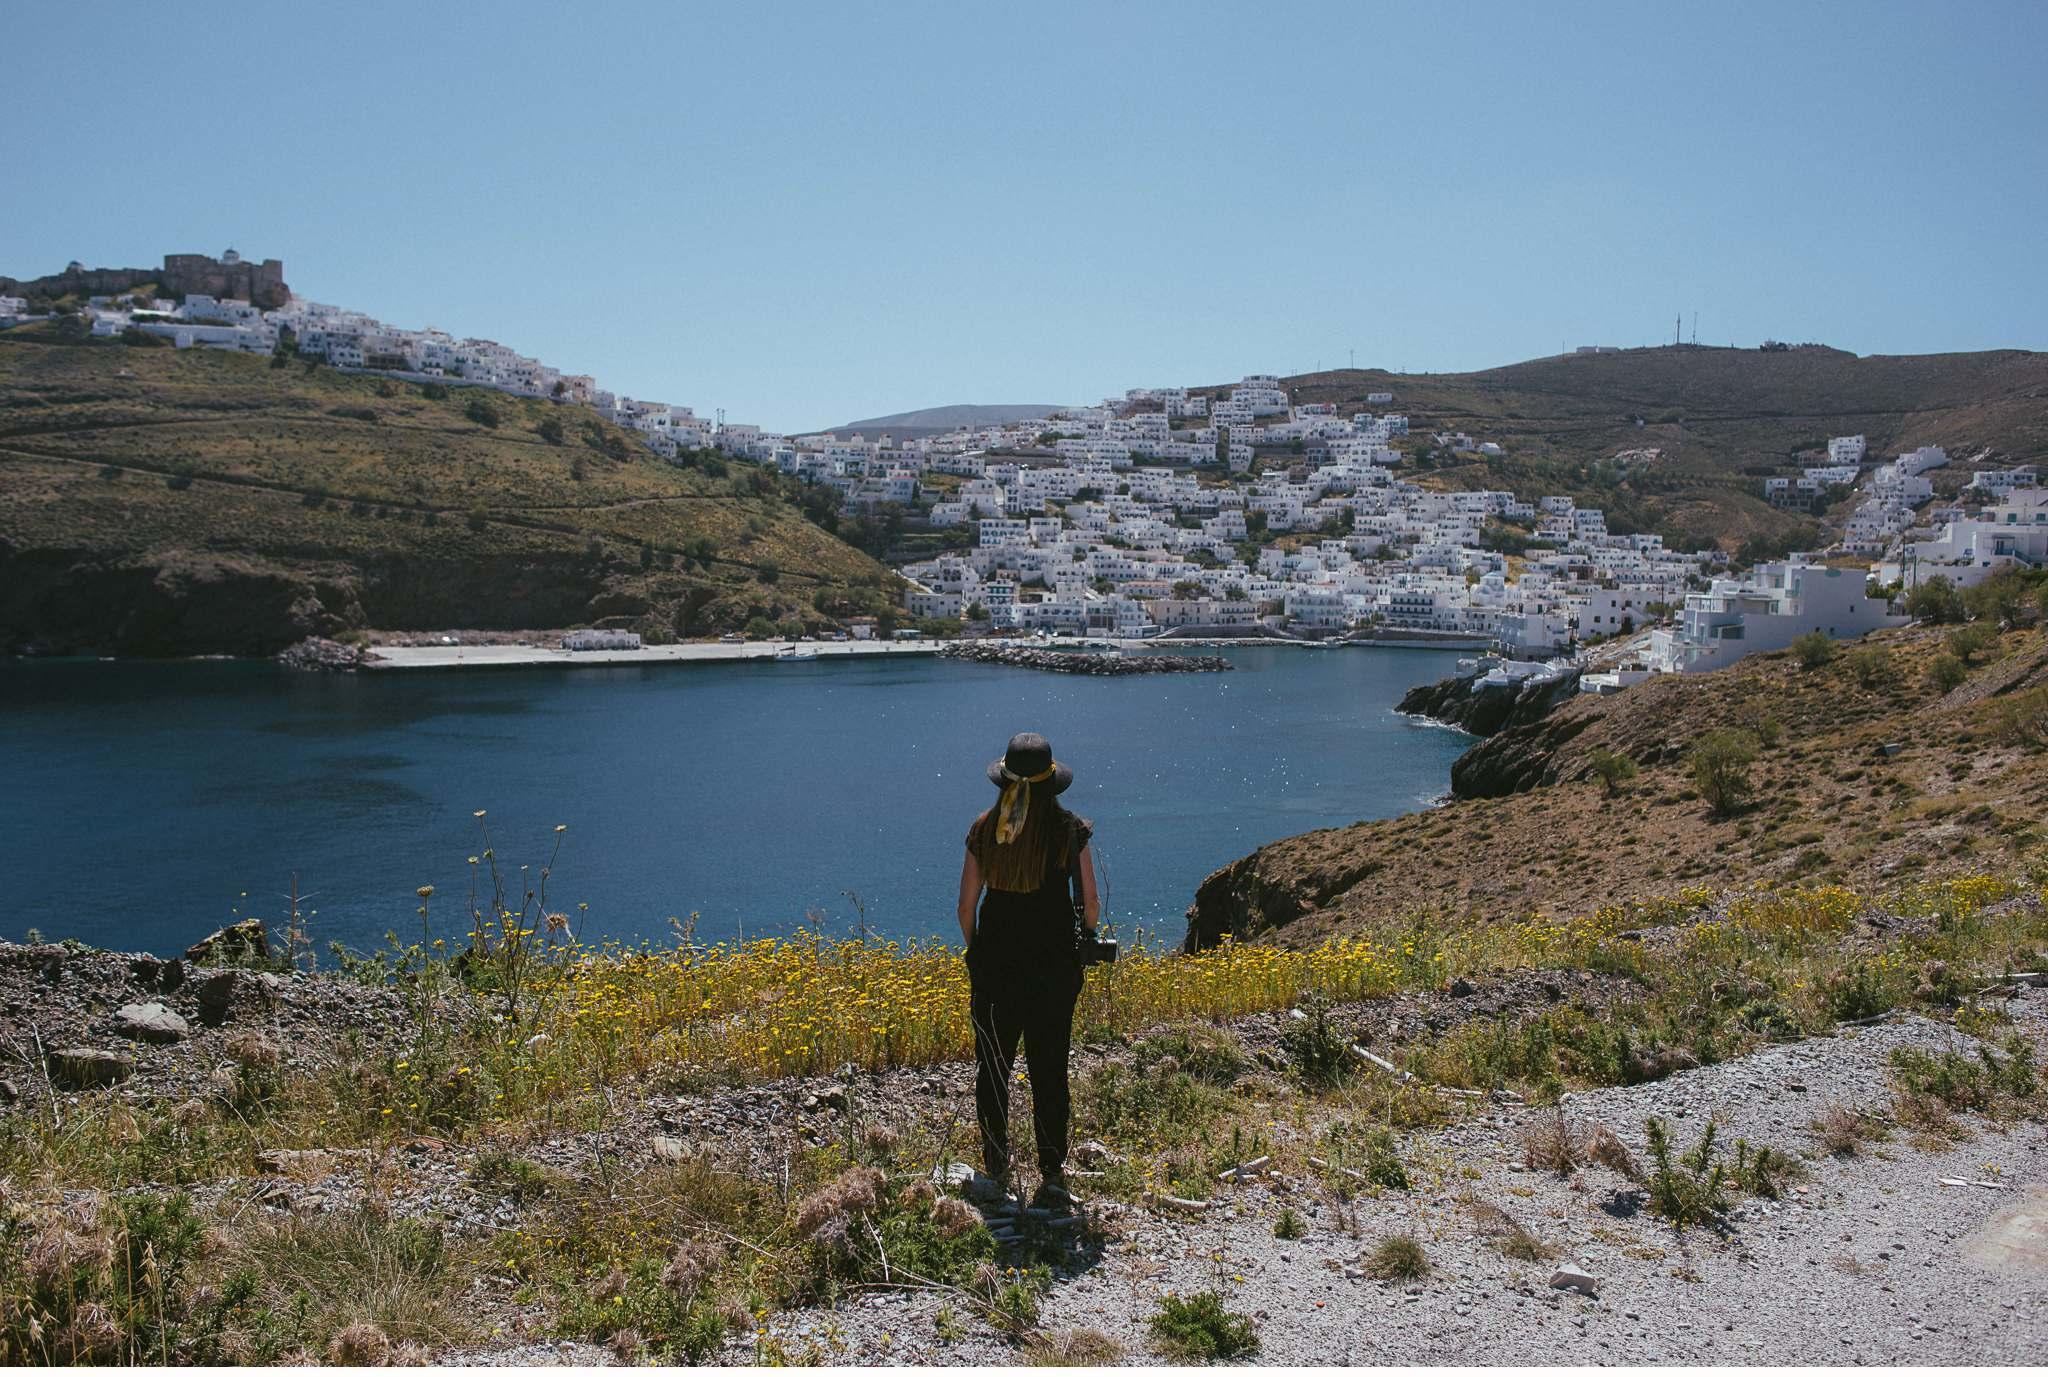 Astypalea - greek Island in the Aegaen sea - Geschichten von unterwegs - Foto Daniel Kempf-Seifried-48